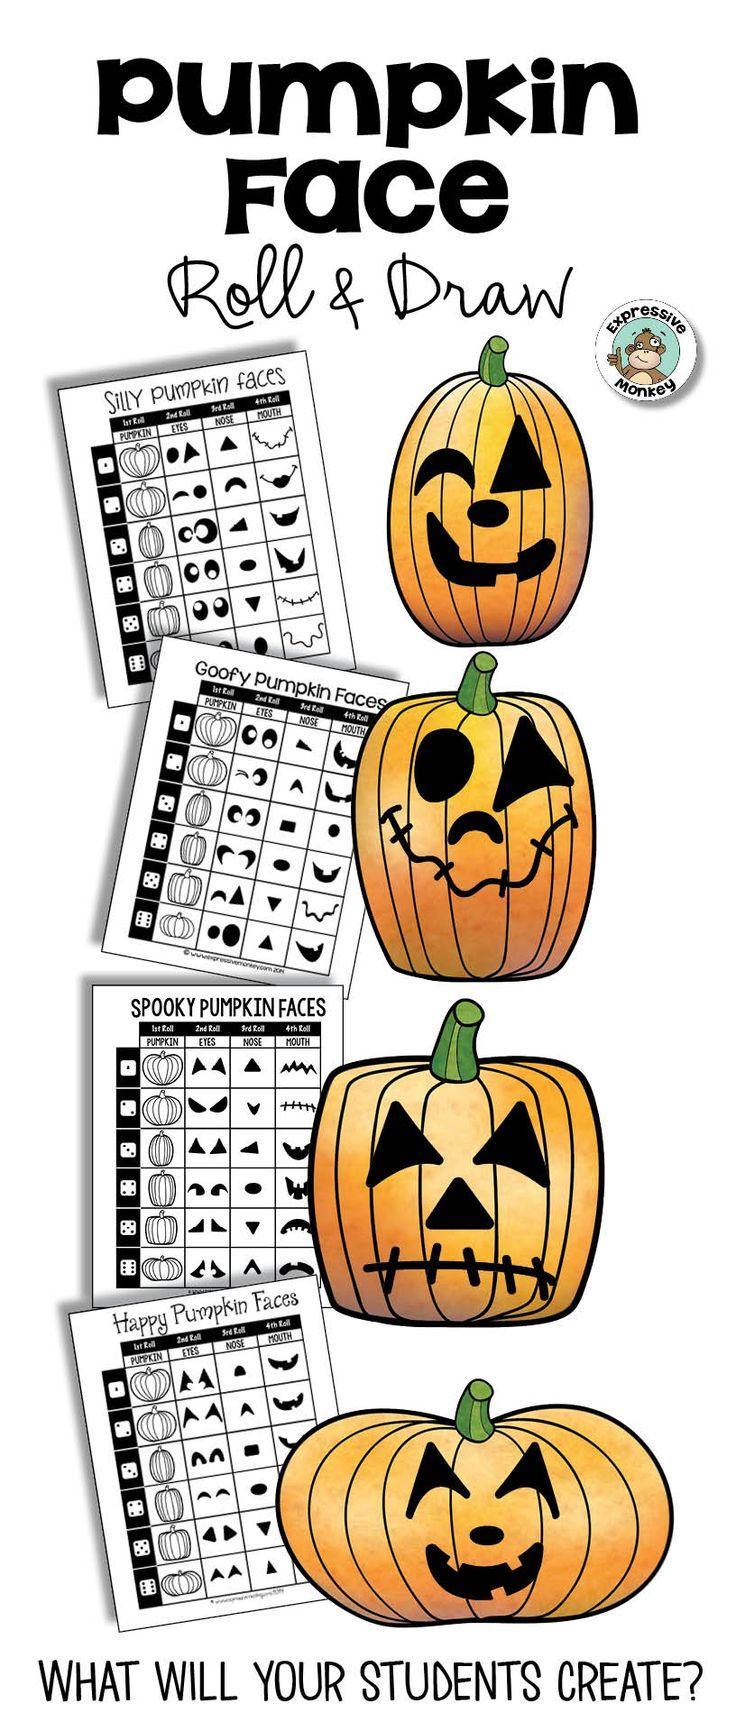 Wa walking dead pumpkin stencil - Pumpkin Face Roll Draw Create Silly Happy Spooky Or Goofy Jack